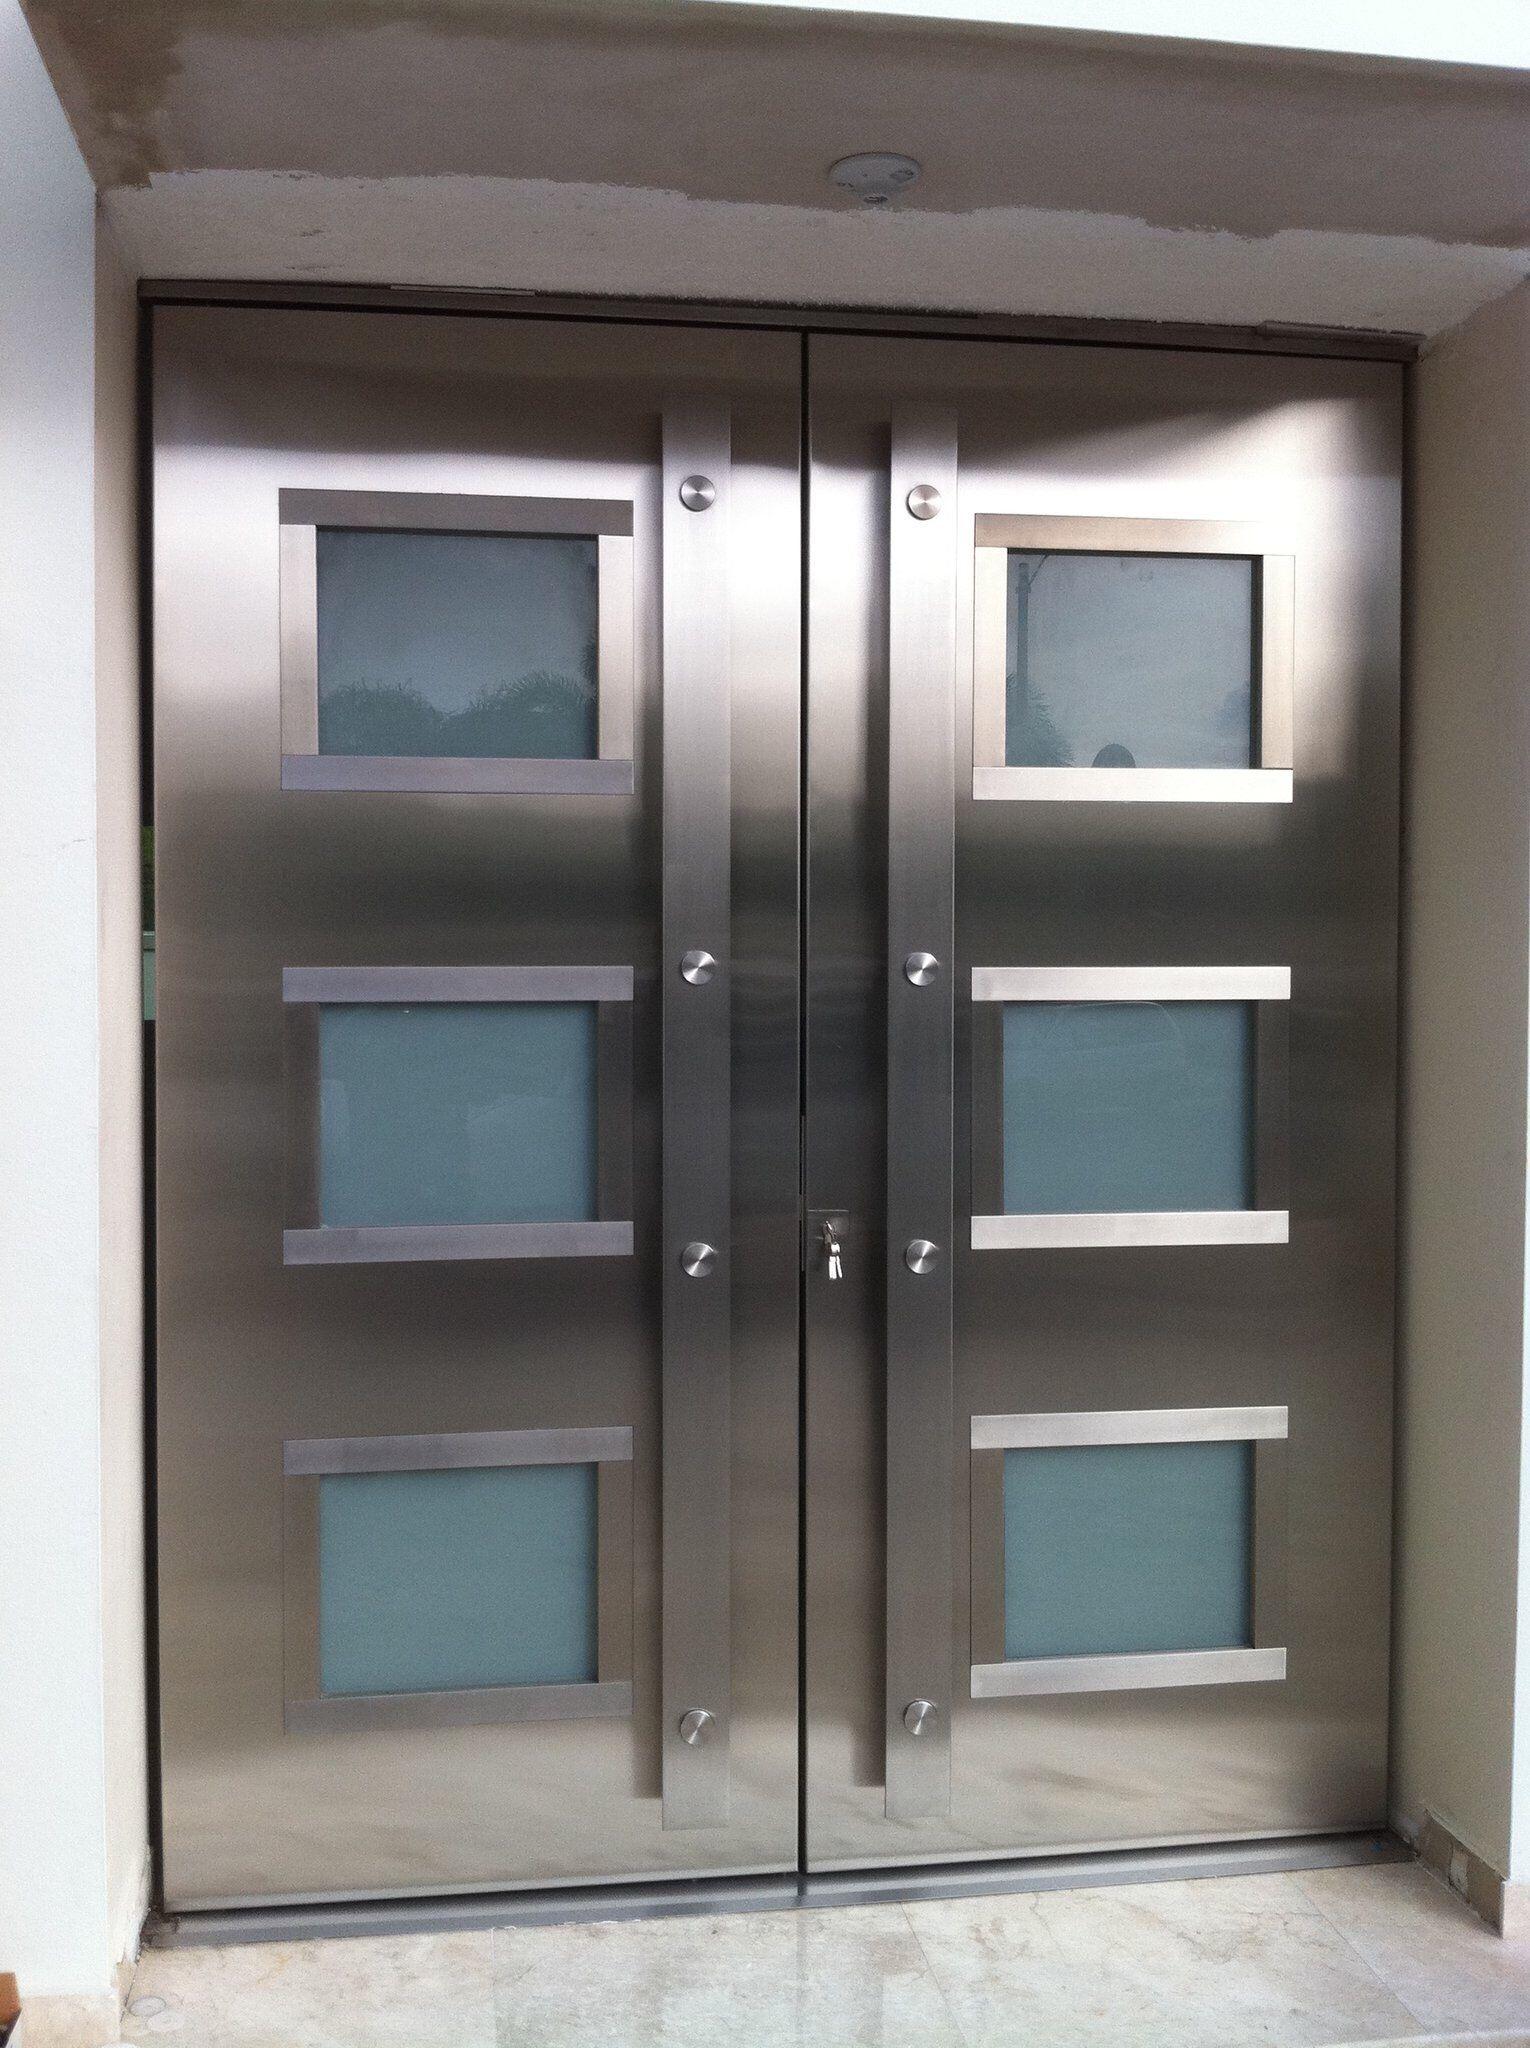 Stainles Steel Entry Door My Work 2 Pinterest Doors Steel And